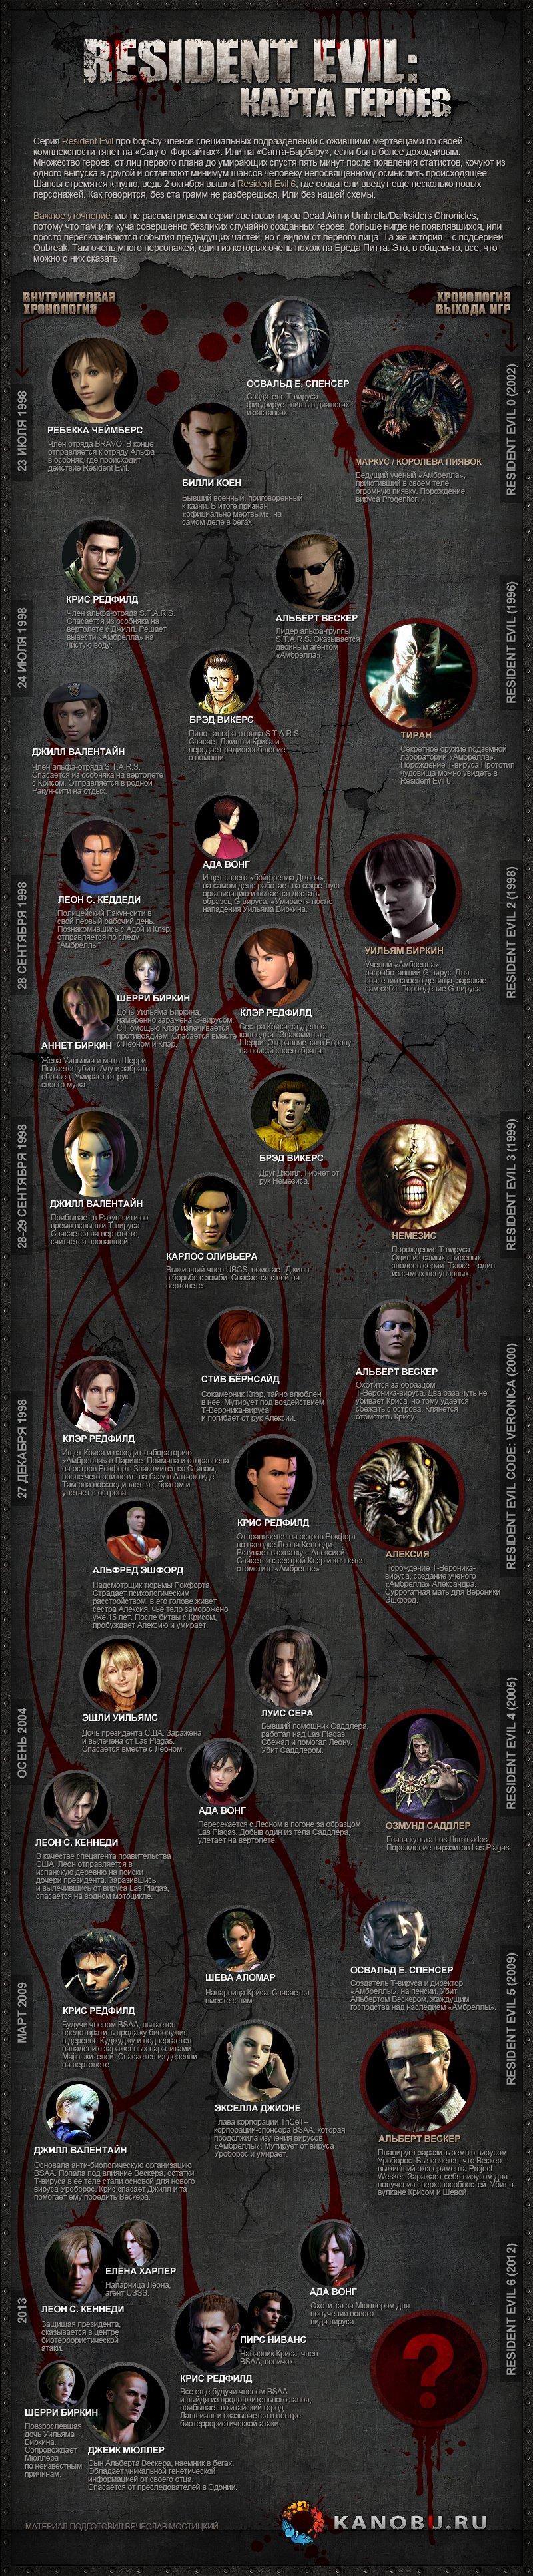 Лаборатория расходящихся тропок: карта героев Resident Evil - Изображение 2